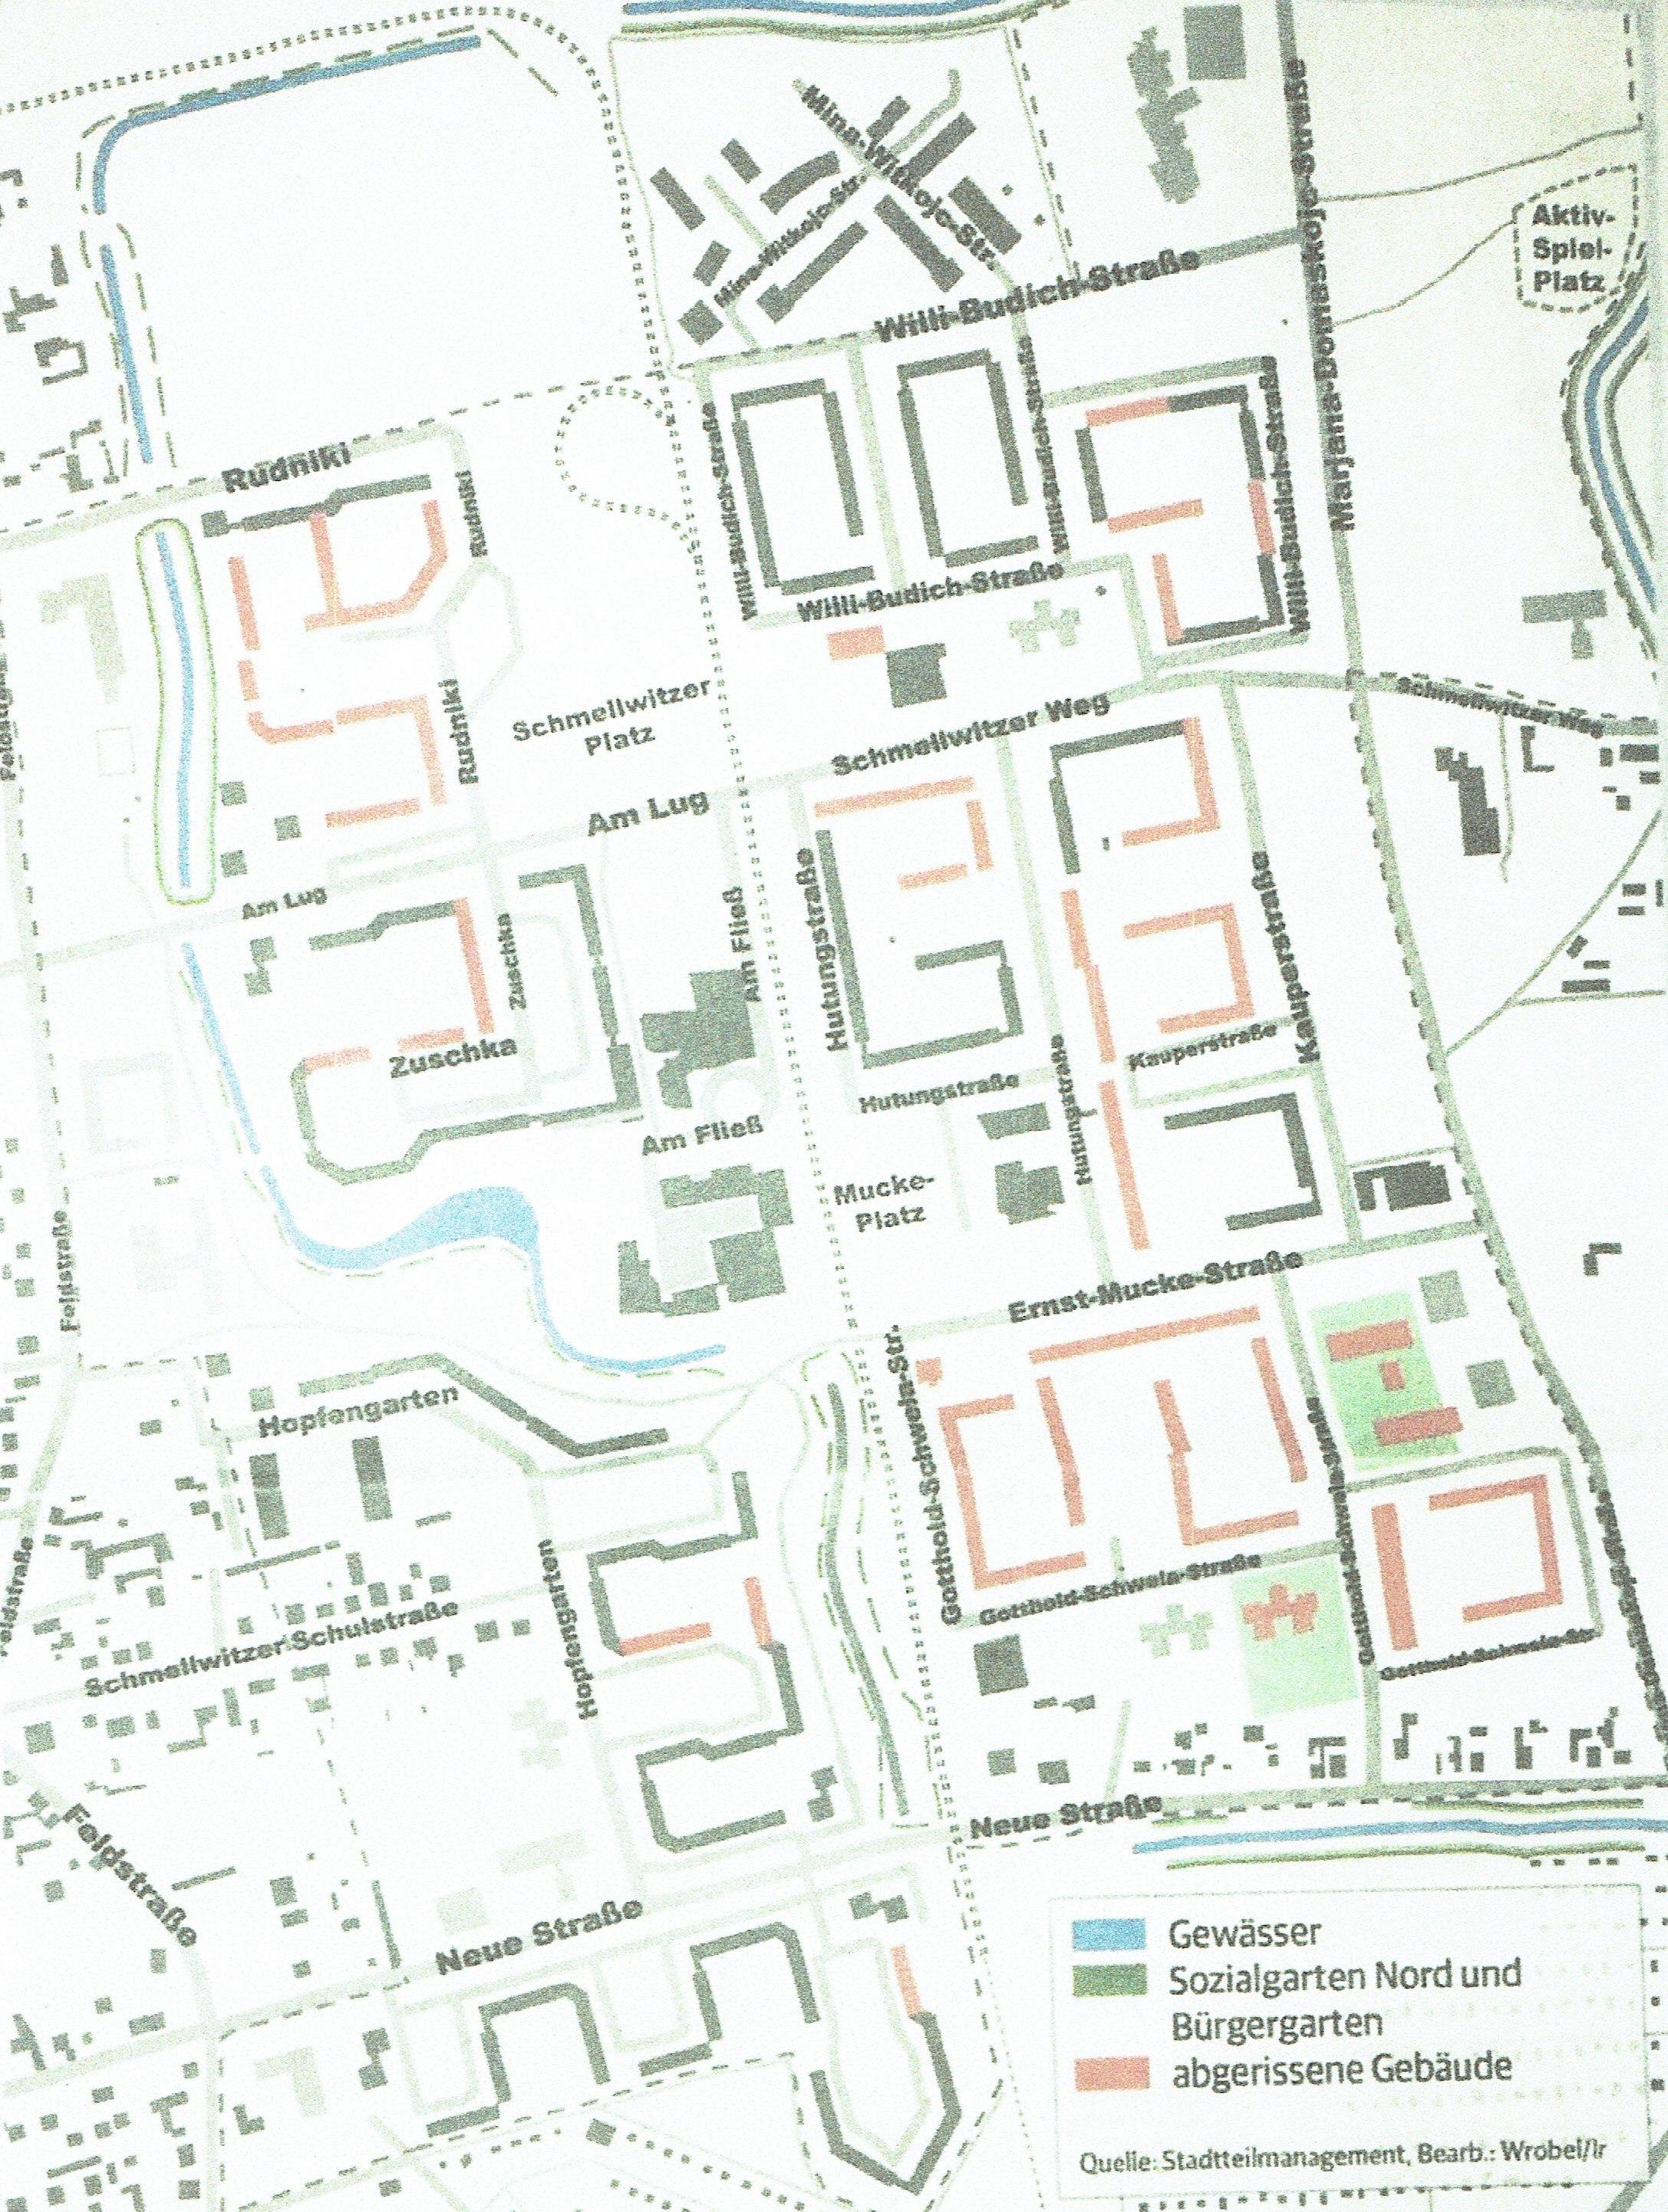 Verhandlungen mit dem Fördermittelgeber über Aufhebung der Fördermittelbindung für Abrissgebiete in Cottbus